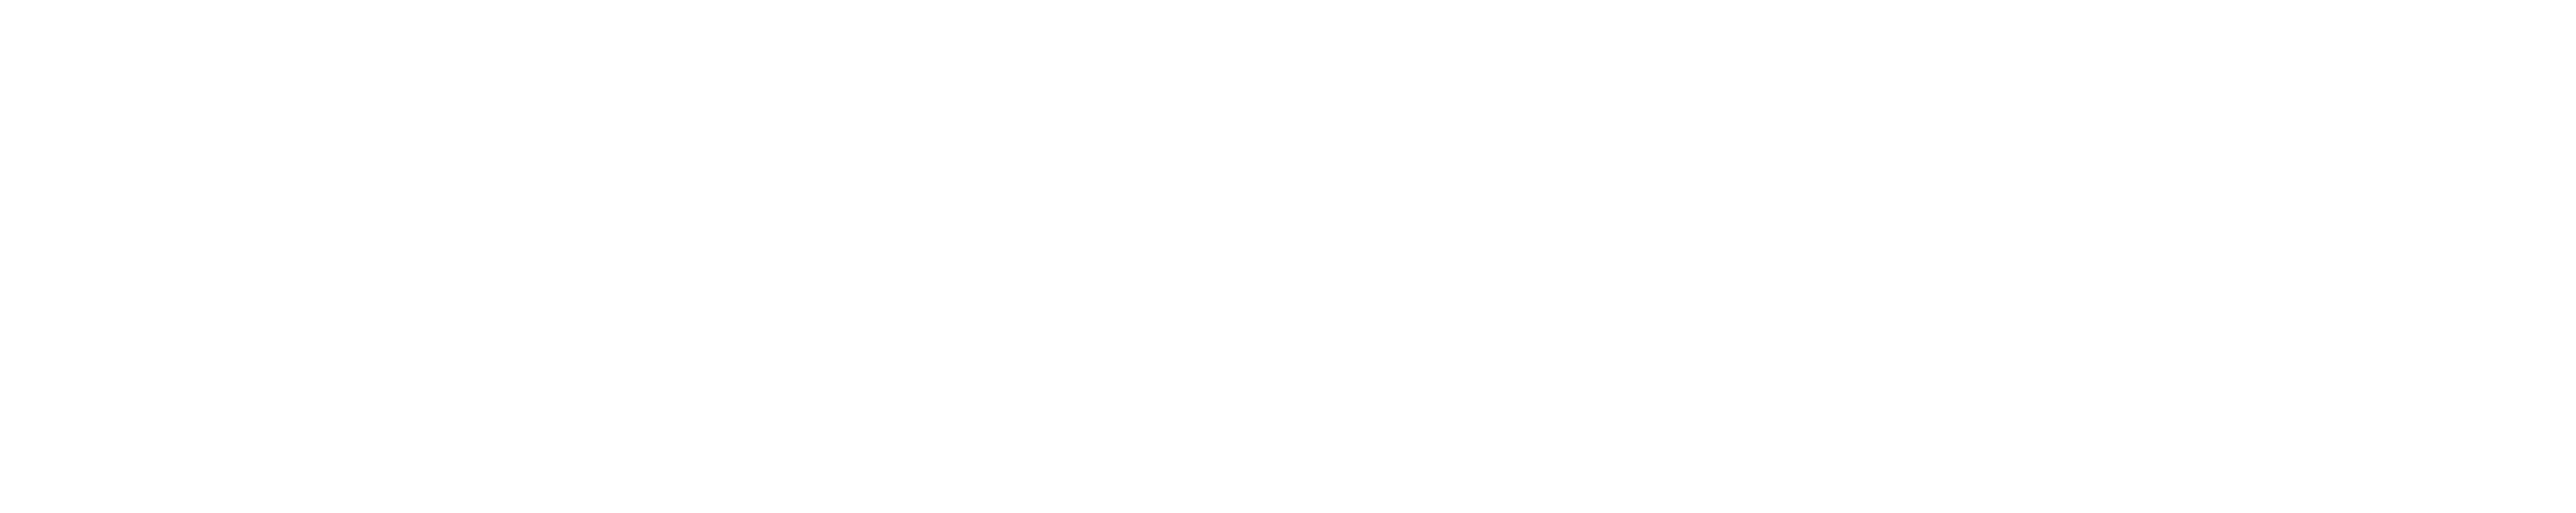 Alphabeticus